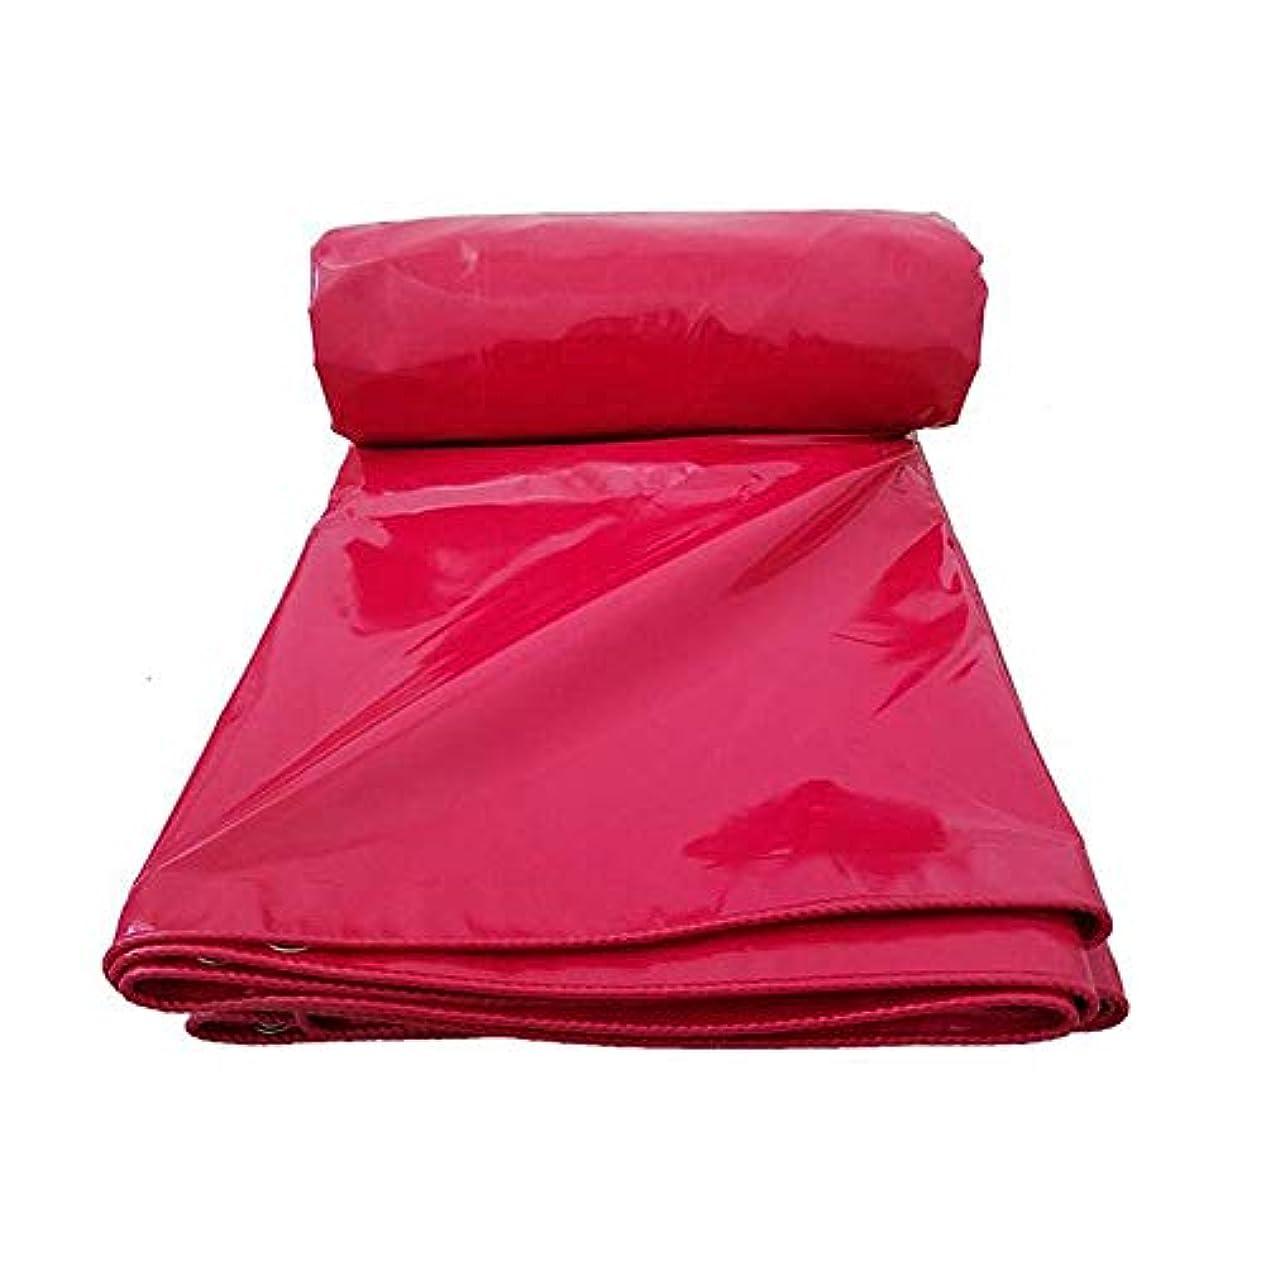 位置する広々としたボーカル19-yiruculture PVC厚手日焼け止め防雨布リノリウムキャンバス日焼け止め布ターポリントラックターポリンキャンバス (サイズ : 3m*3m)